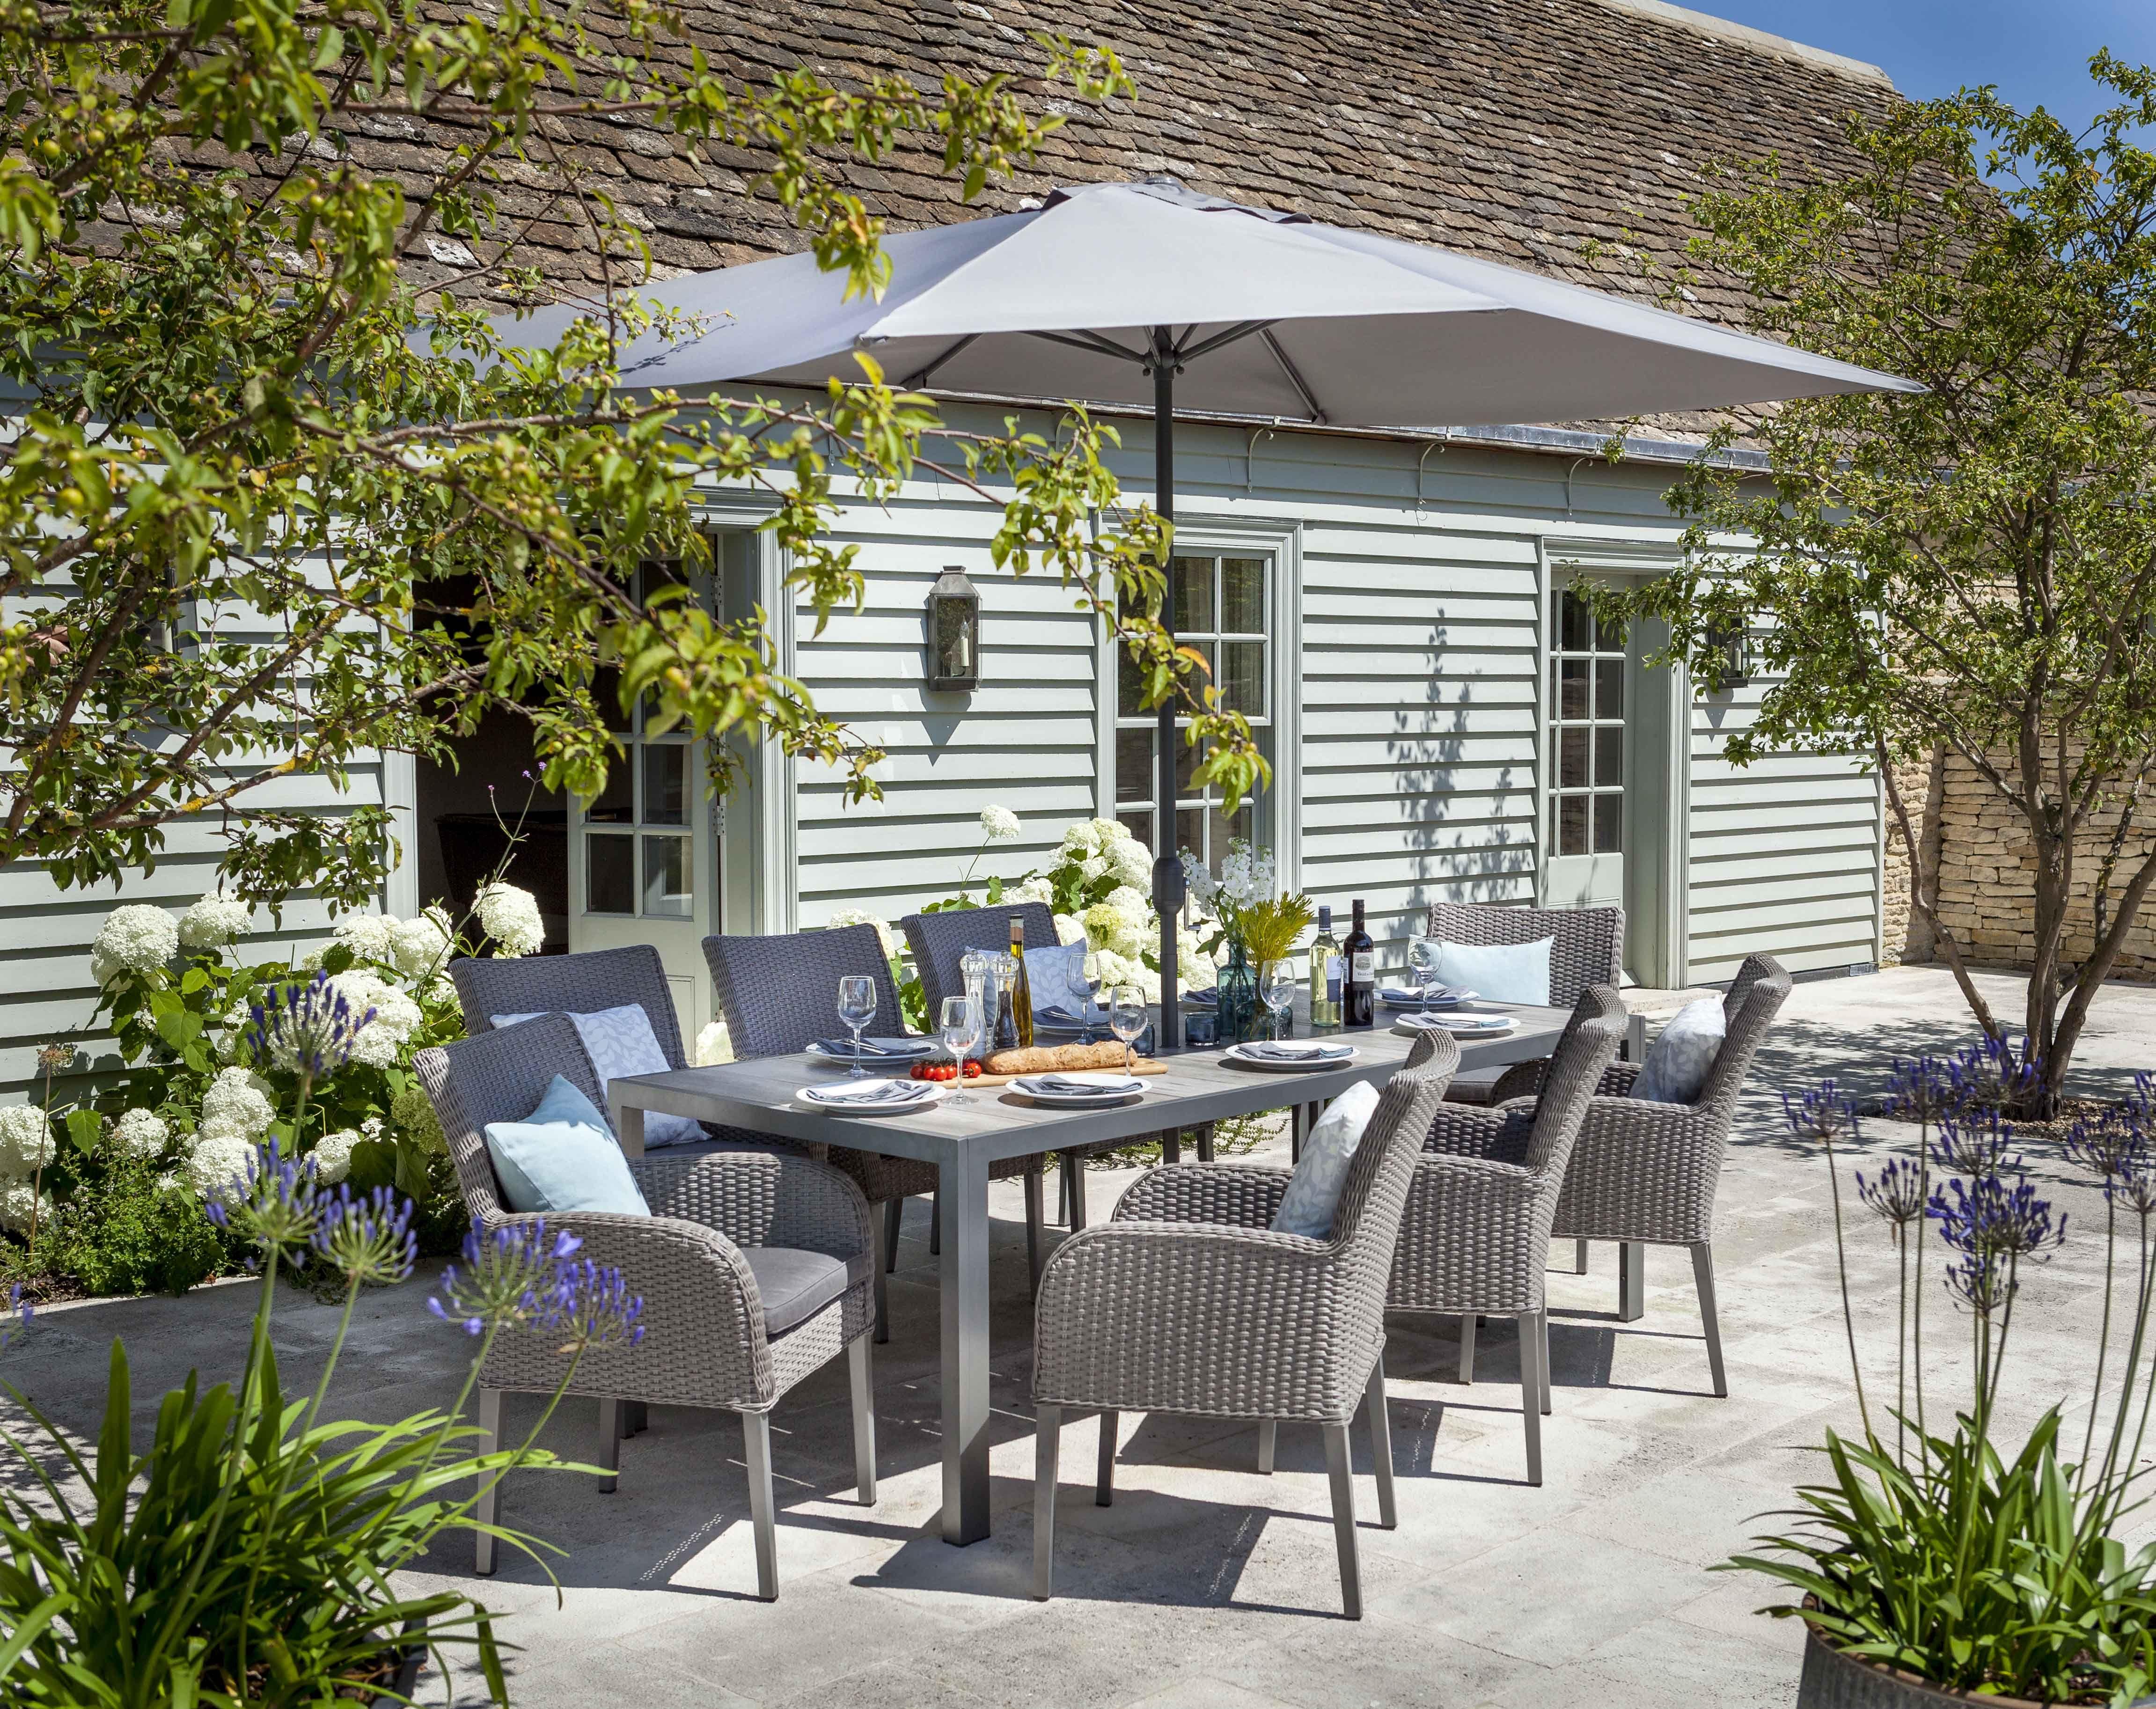 Atlanta 8 Seat Dining Set | Hartman Resin Weave Garden Furniture ...